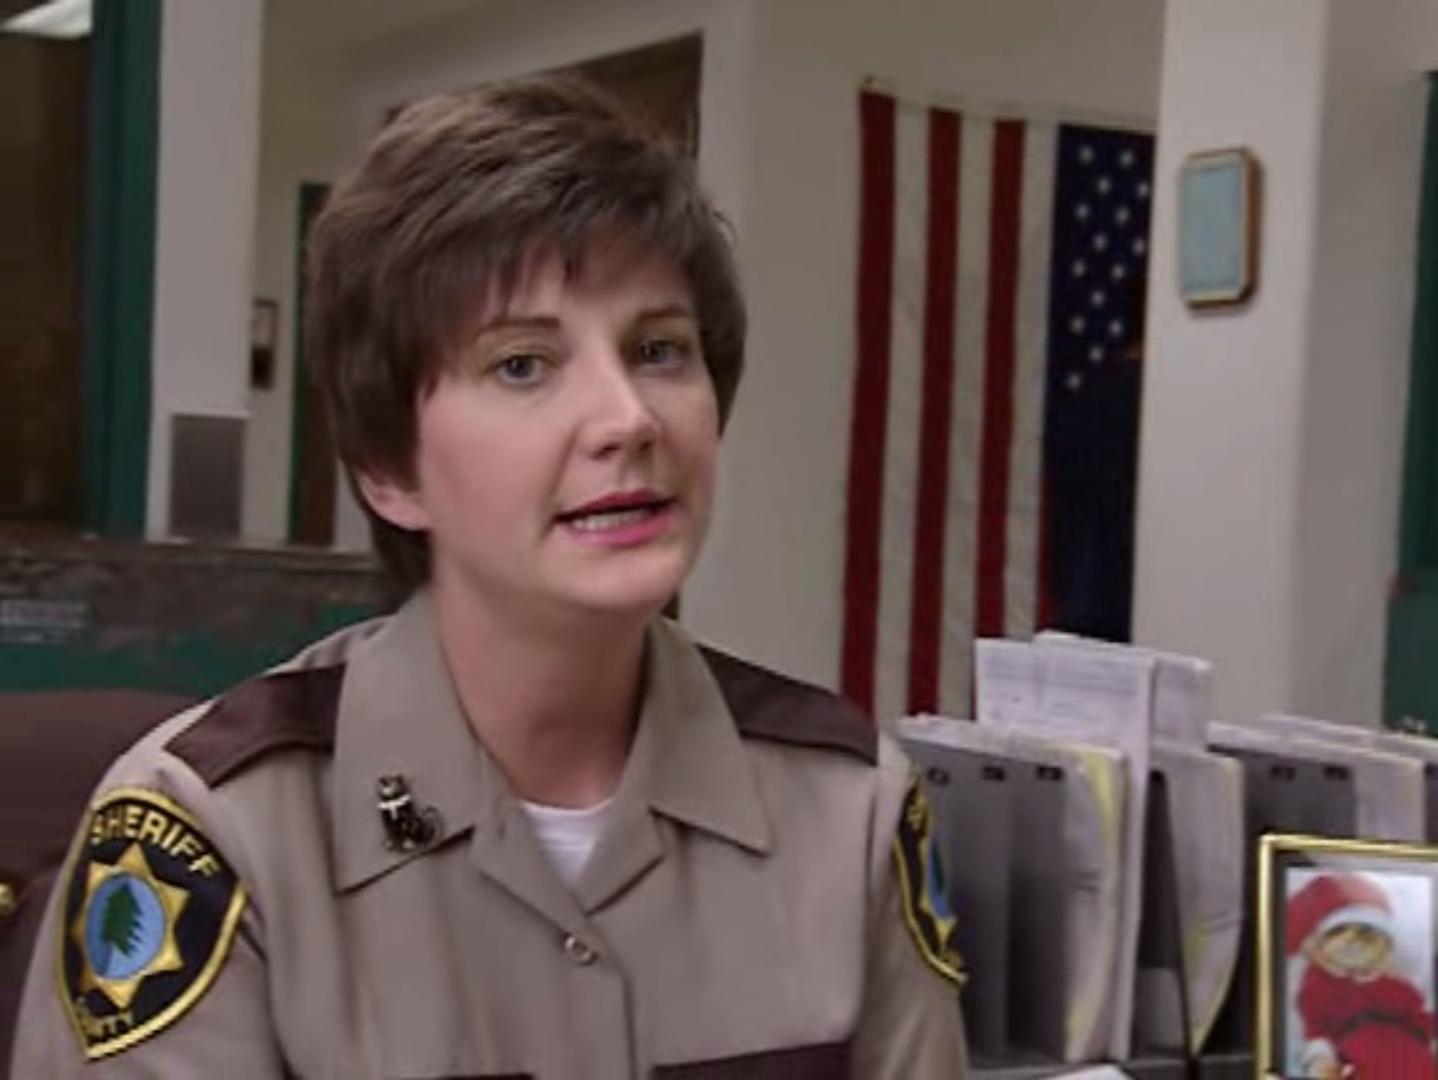 Deputy Wiegel